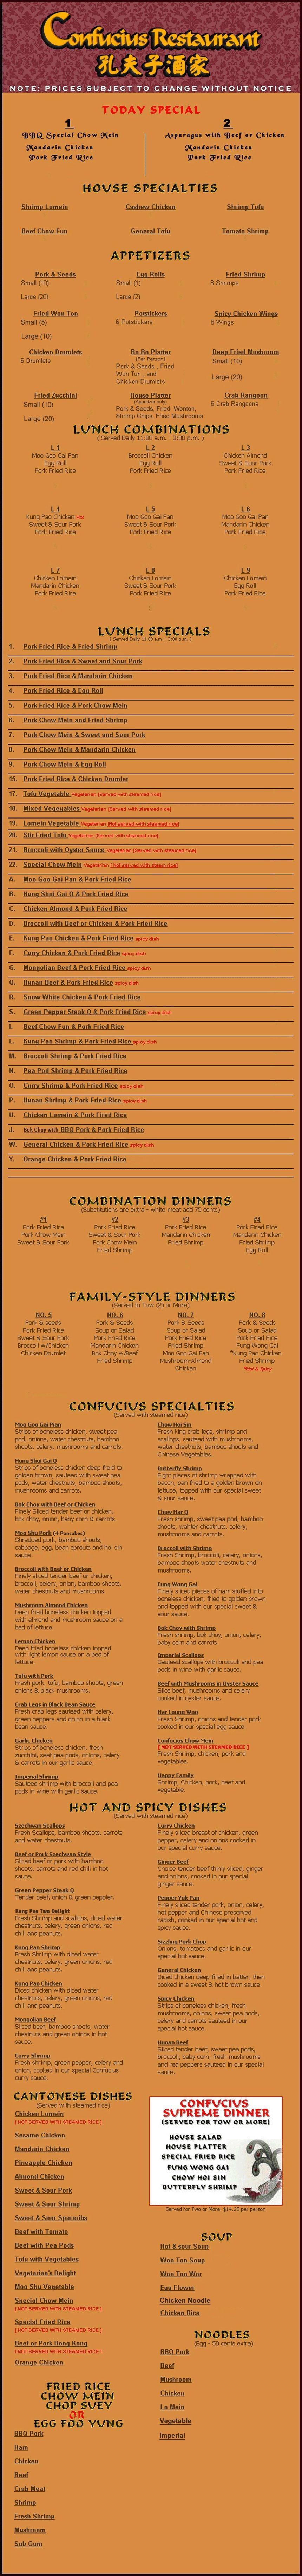 Confucius Restaurant - Chinese Restaurant Menu